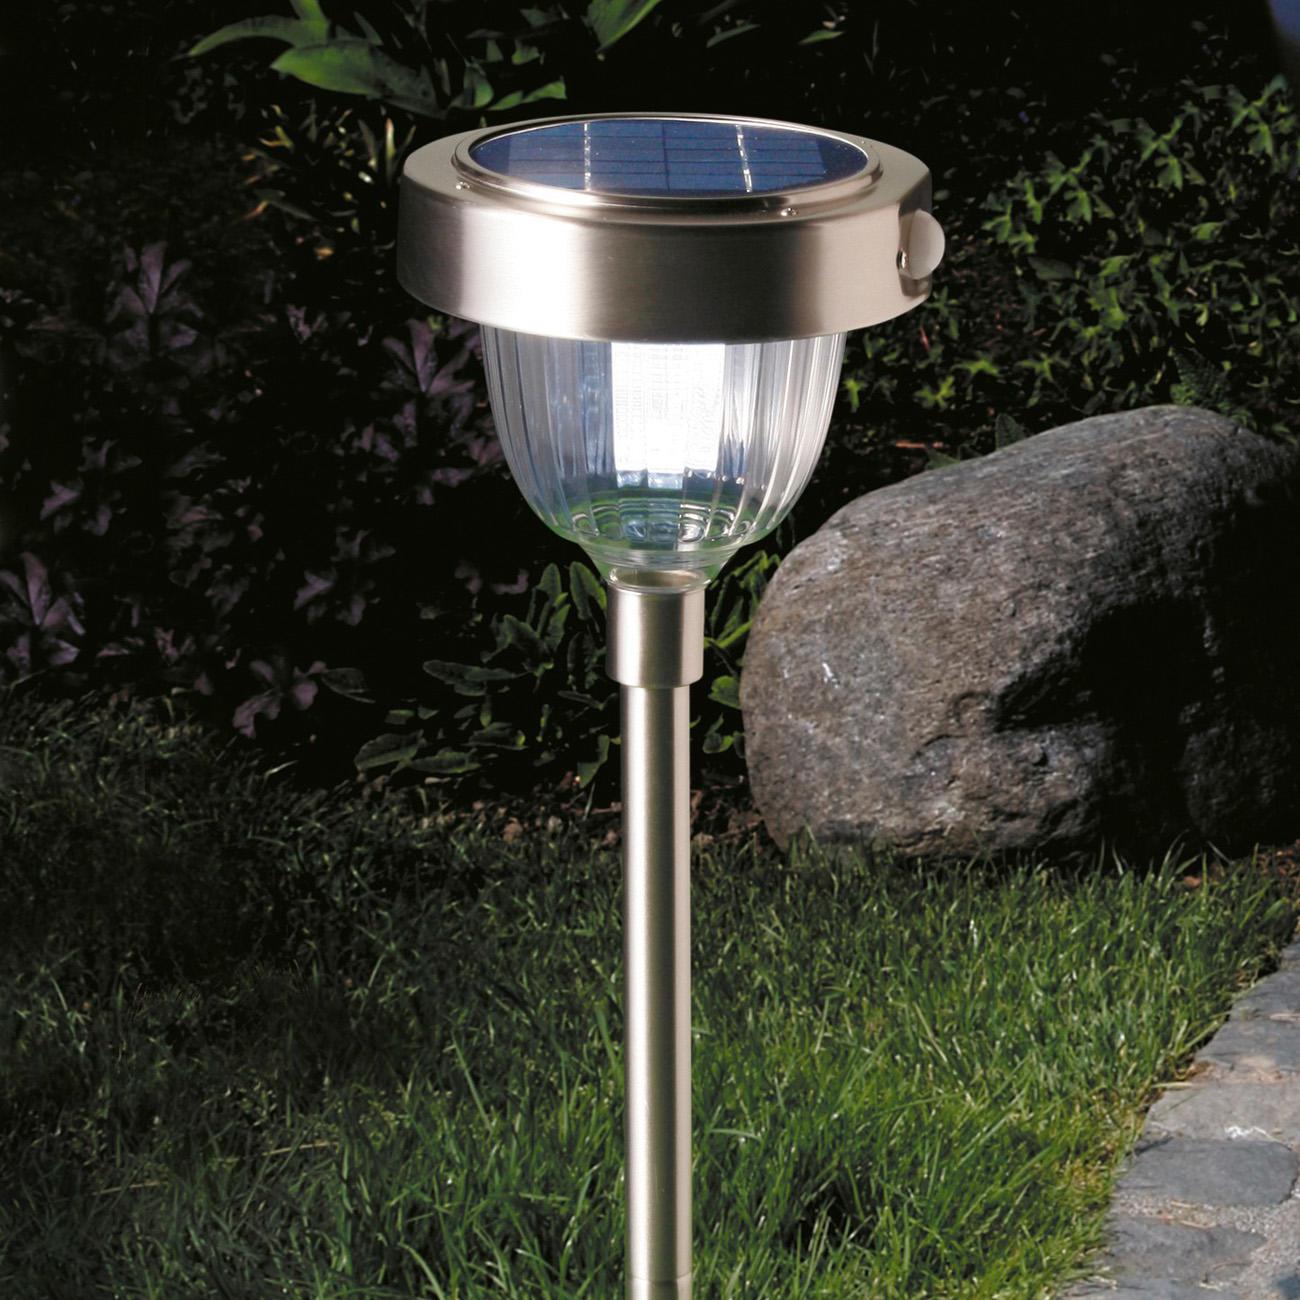 Lampe solaire intelligente garantie produit de 3 ans for Lampe de jardin detecteur de mouvement